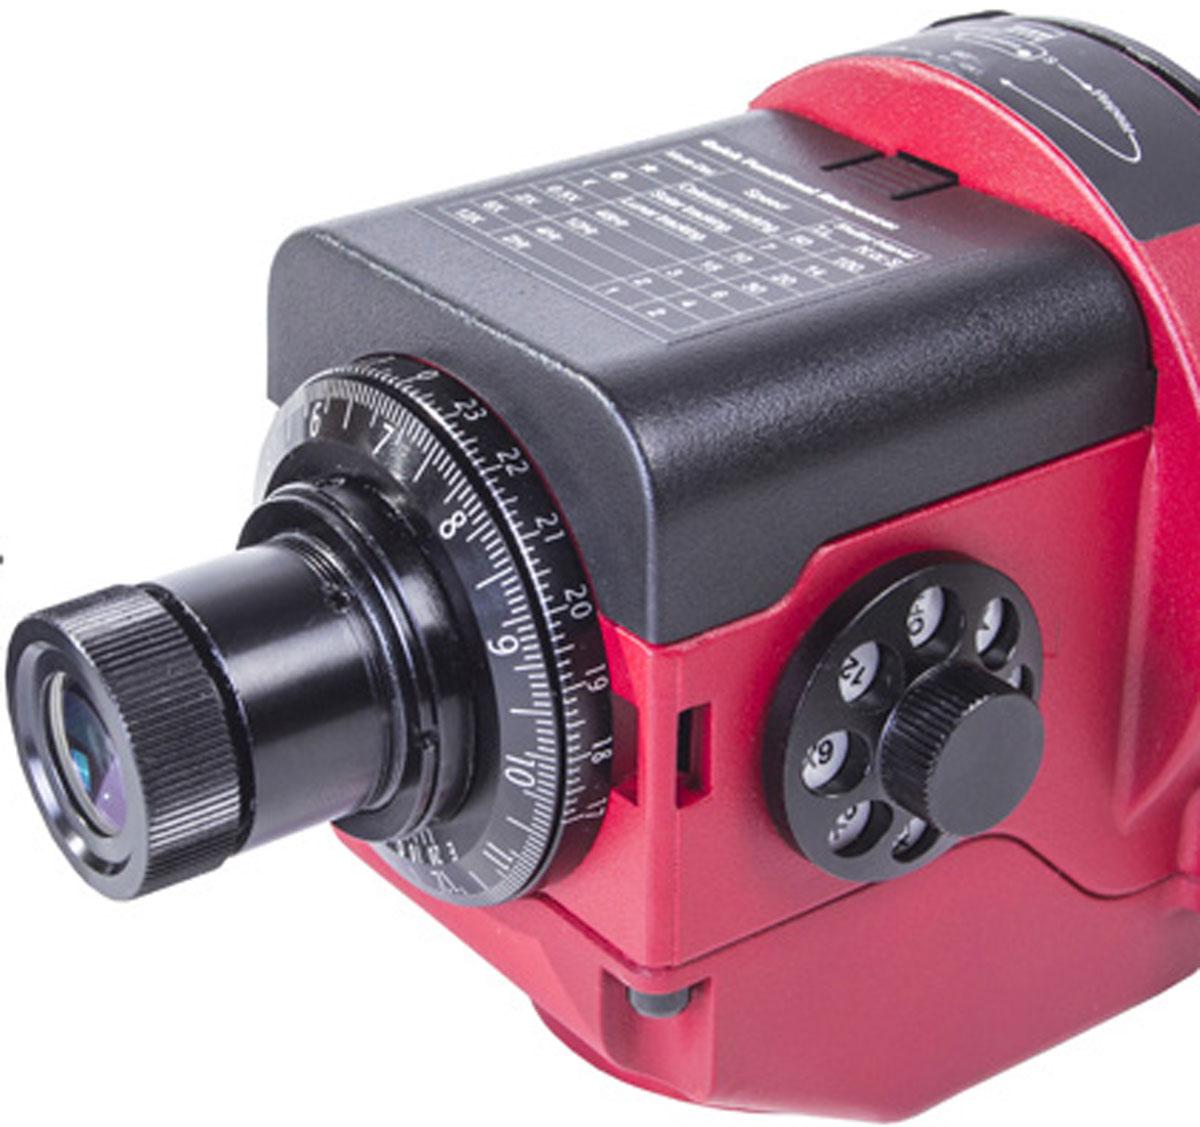 Sky-Watcher Star Adventurer, Red монтировка с крепежной платформой и искателем полюса67820Sky-Watcher Star Adventurer – это легкая, компактная и удобная монтировка для визуальных наблюдений и астрофотографии. Монтировкапредназначена для установки оптических труб и фотографического оборудования общим весом до 5 кг. Благодаря небольшому весу этамодель идеальна для загородных наблюдений.Монтировка позволяет перемещать оптическую трубу с учетом суточного вращения небесных тел. Управление осуществляется при помощикнопок на корпусе. Монтировка Star Adventurer отличается понятным интерфейсом, поэтому ее можно рекомендовать даже начинающимастрономам.Искатель полюса с подсветкой позволяет быстро найти правильное положение монтировки. Данную модель можно использовать при астрофотографии без гидирования, то есть с короткими выдержками. Для съемки с длиннымивыдержками можно подключить автогид (приобретается отдельно). На корпусе также имеется порт SNAP, предназначенный для управленияспуском затвора цифровых камер. Для работы монтировки необходимы батарейки типа AA. Кроме того, устройство может питаться от компьютера через USB-кабель.Основные особенности: Простое управление. Различные скорости слежения: звездная, солнечная и лунная. Управление спуском затвора цифровой камеры. Настройки для покадровой съемки (Time Lapse). Поддержка miniUSB. Возможность подключения автогида. Низкое энергопотребление. Совместимость с крепежными гнездами диаметром 3/8 и 1/4.Технические характеристики: Тип сверхкомпактная экваториальная монтировка. Скорости слежения астрофотография: звездная скорость слежения, скорость в 12 раз больше звездной скорости слежения, солнечнаяскорость слежения, лунная скорость слежения (среднее лунное время). Для Северного и Южного полушарий. Покадровая съемка: 0,083 об/ч (полный оборот за 12 часов), 0,25 об/ч (полный оборот за 4 часа), 0,5 об/ч (полный оборот за 1 час). Максимальная нагрузка: 5 кг. Шестерня алюминиевая: 86 мм (144 зубца). Втулка с червячным механизмом ла